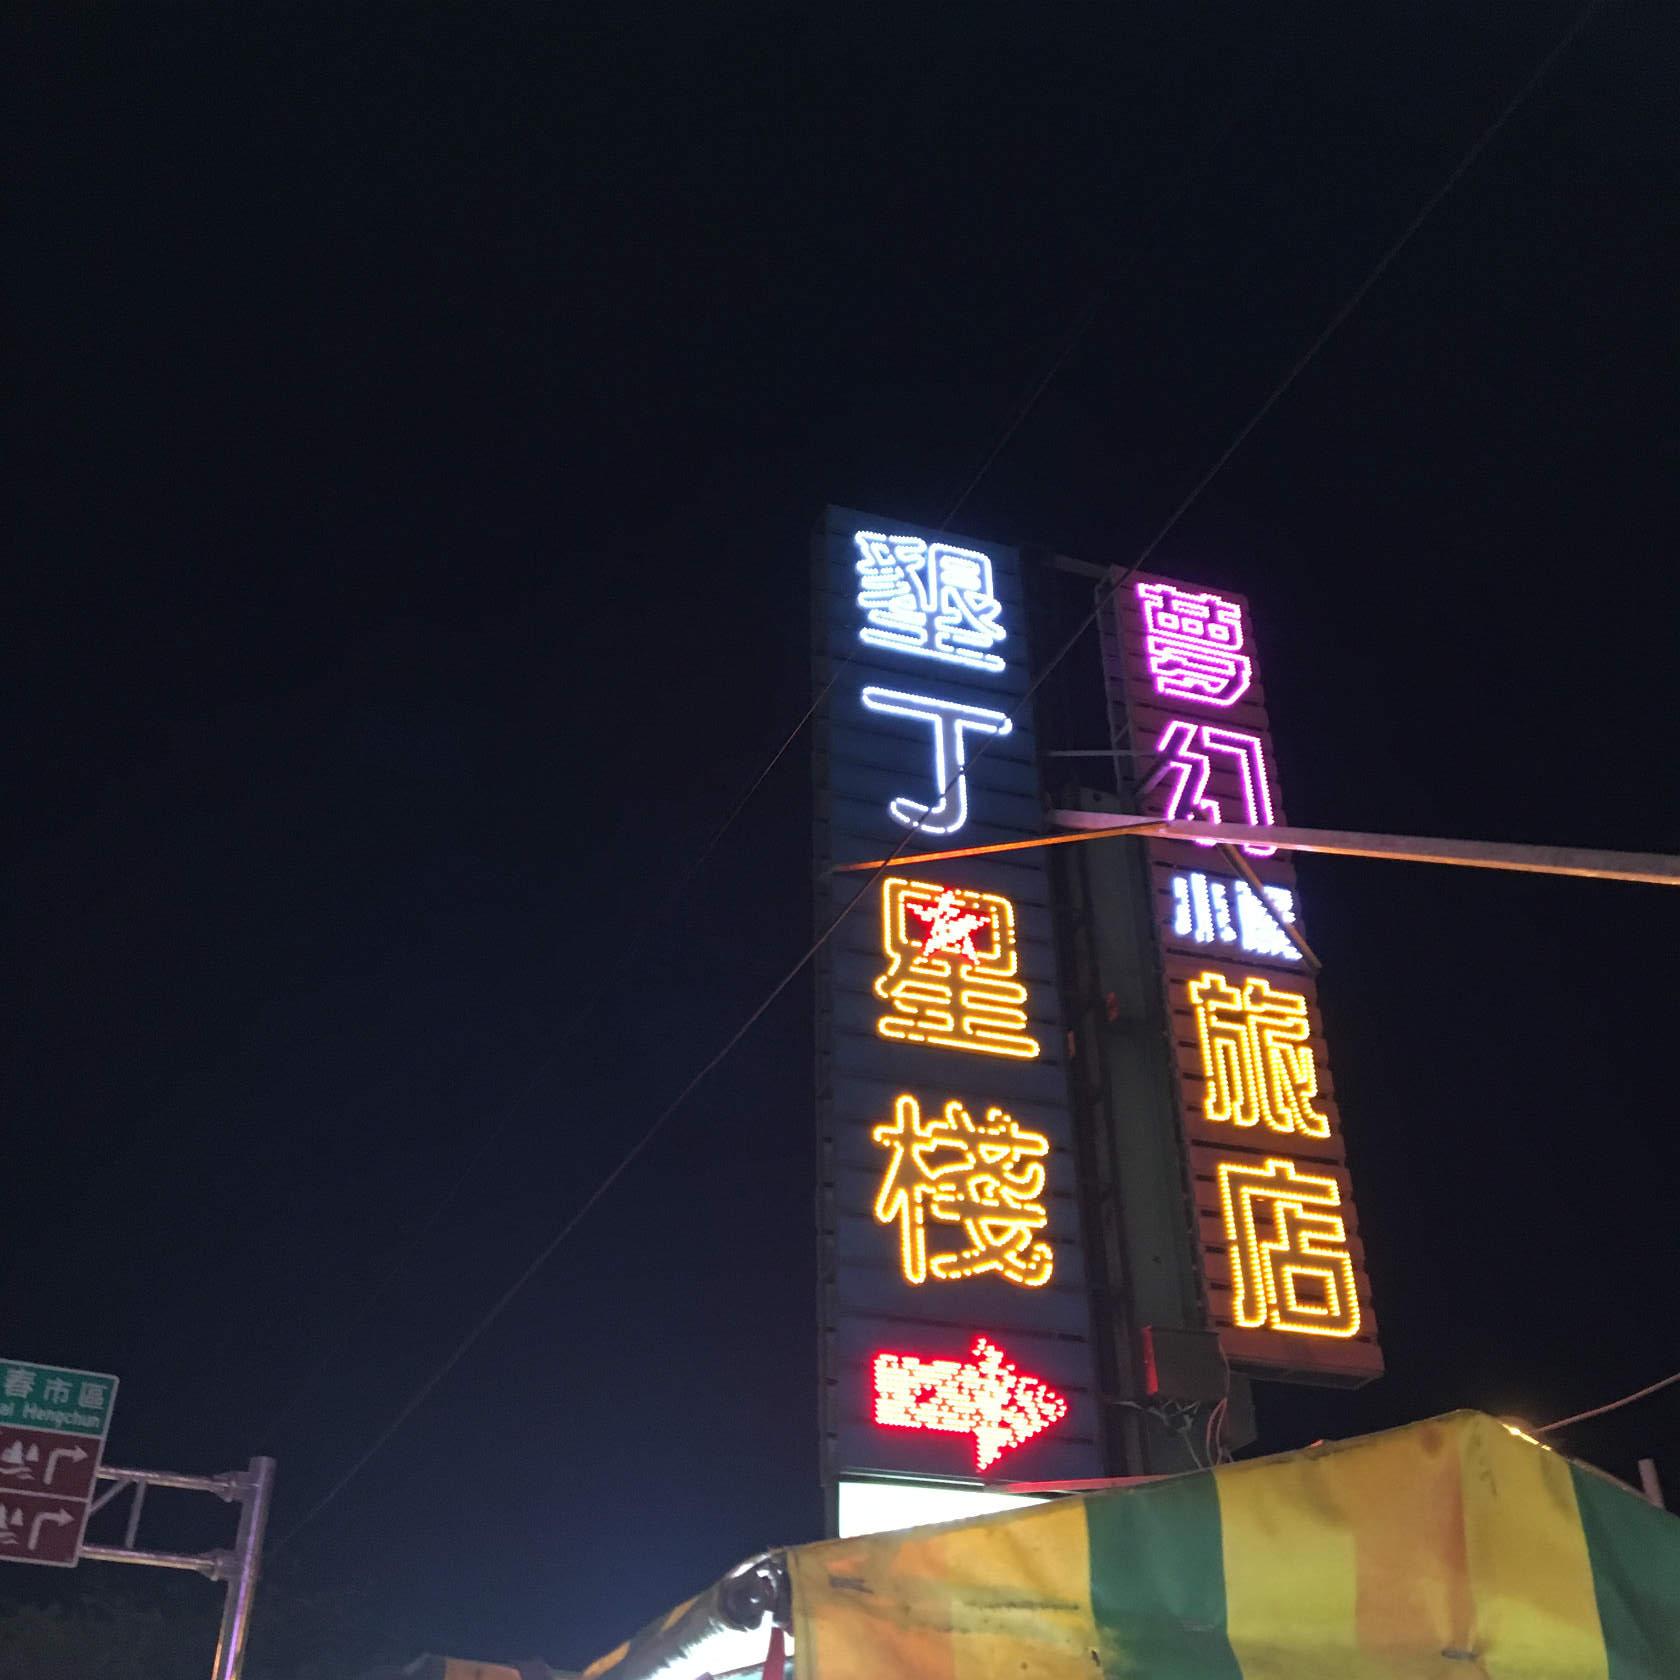 南台湾 サーフトリップ 観光